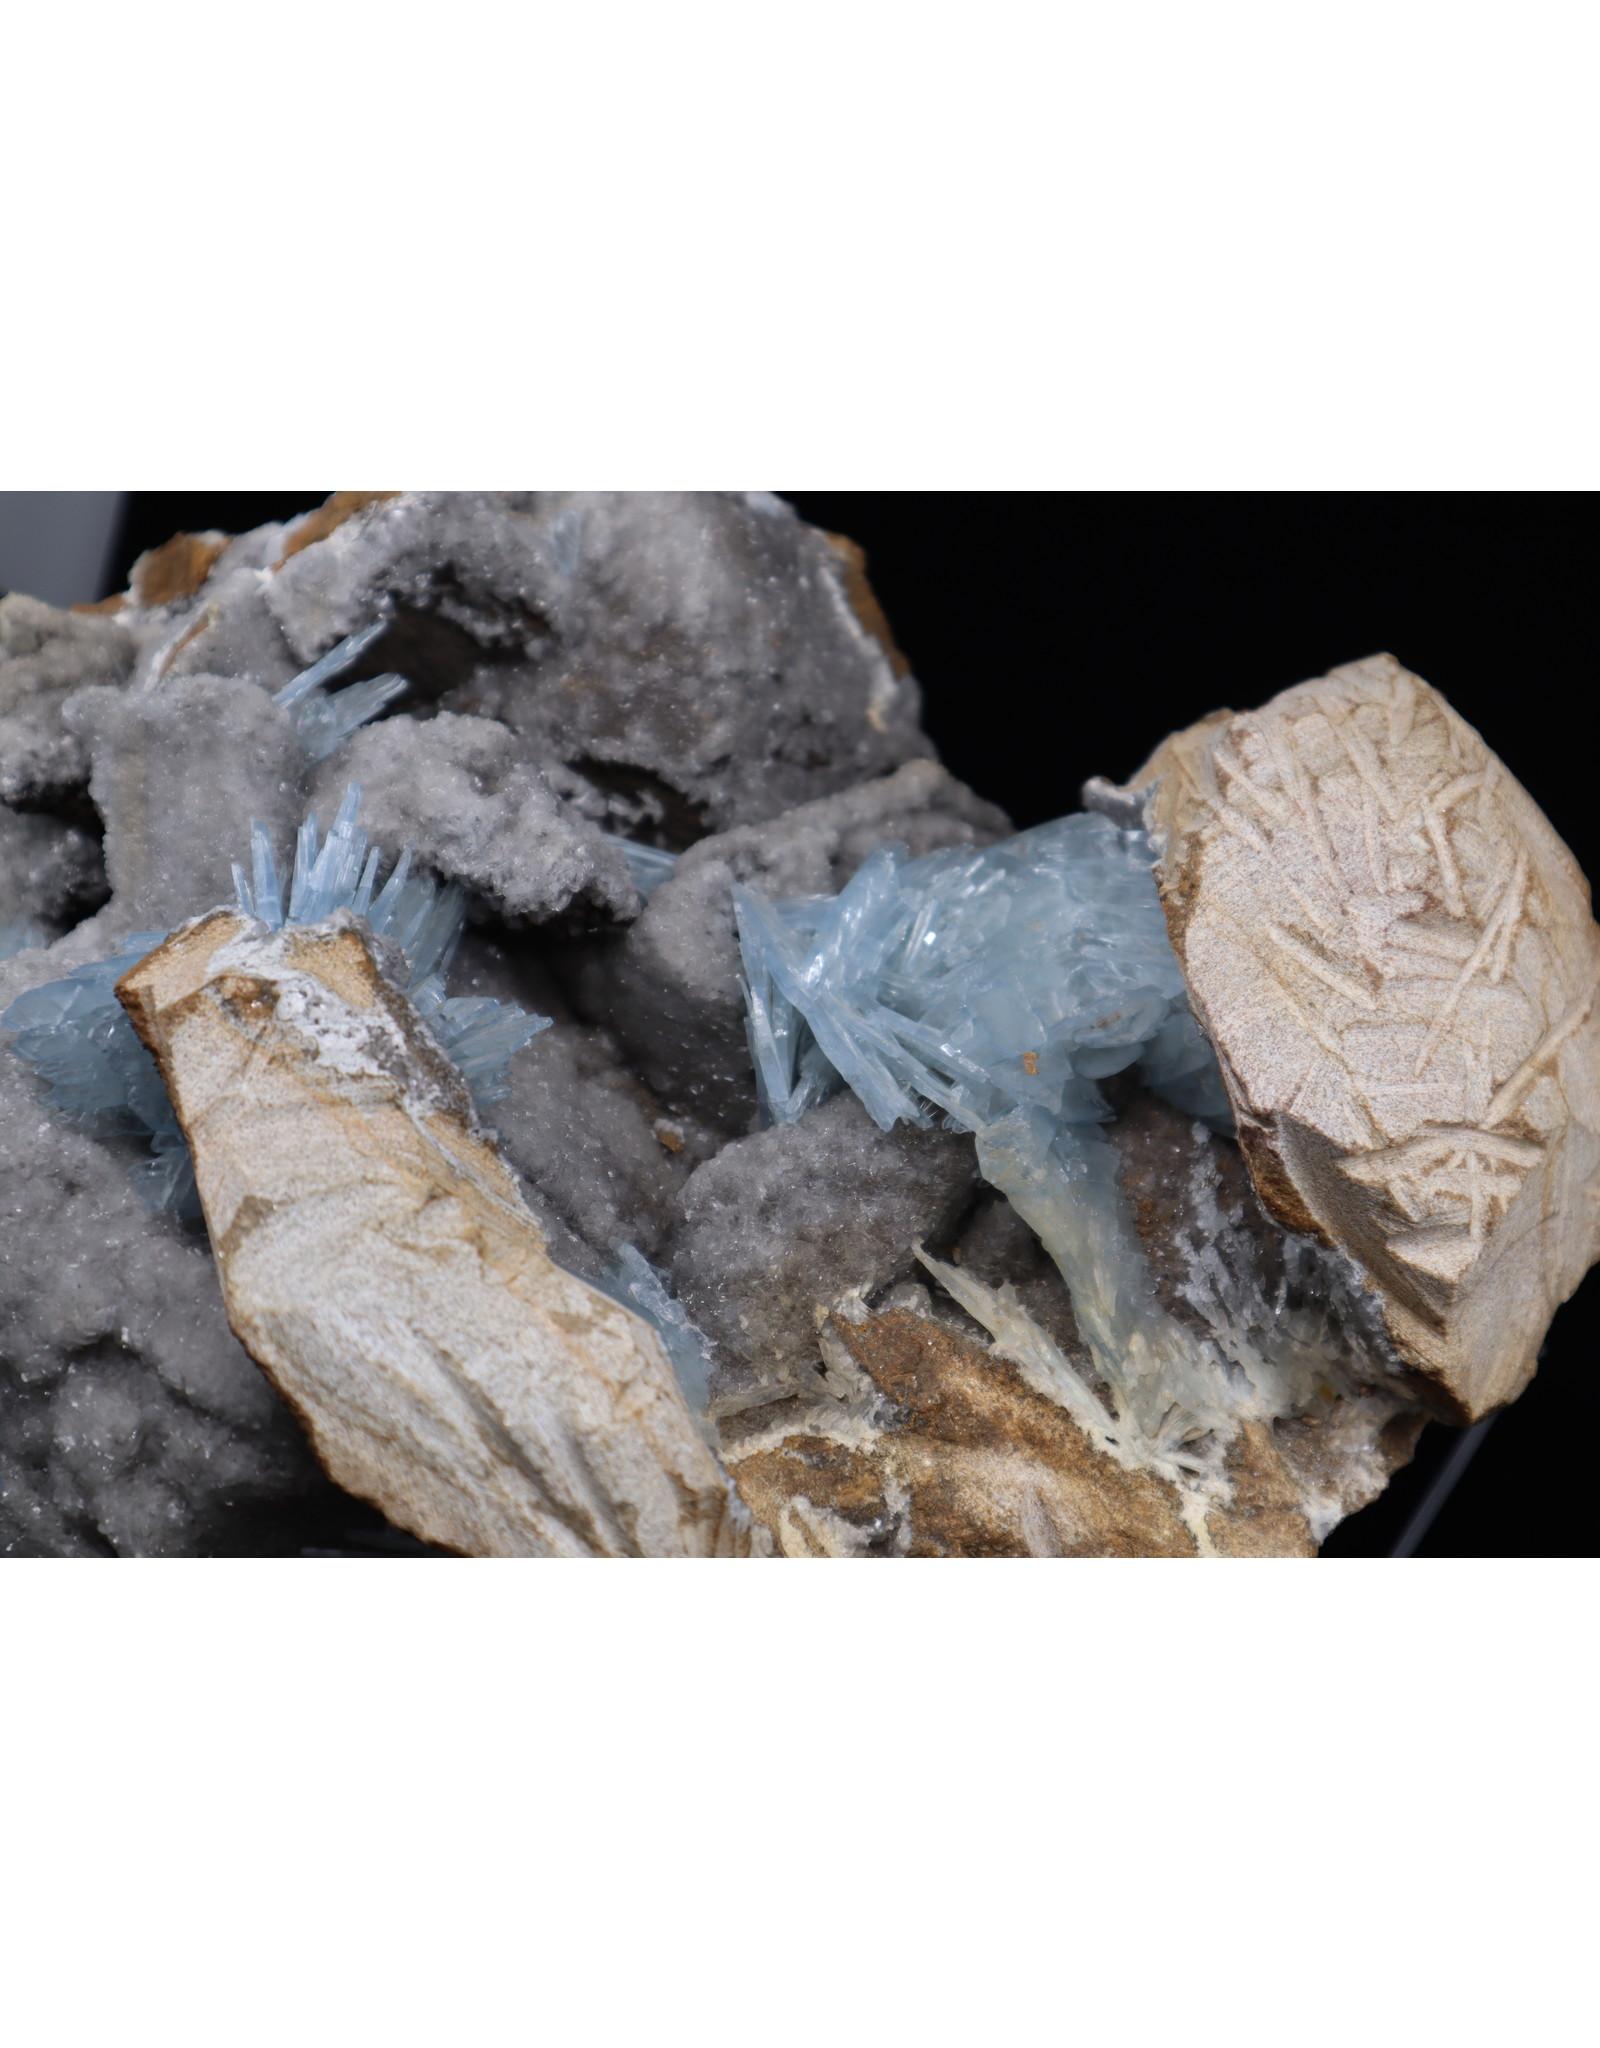 Blue Barite Cluster on Dolomite Specimen